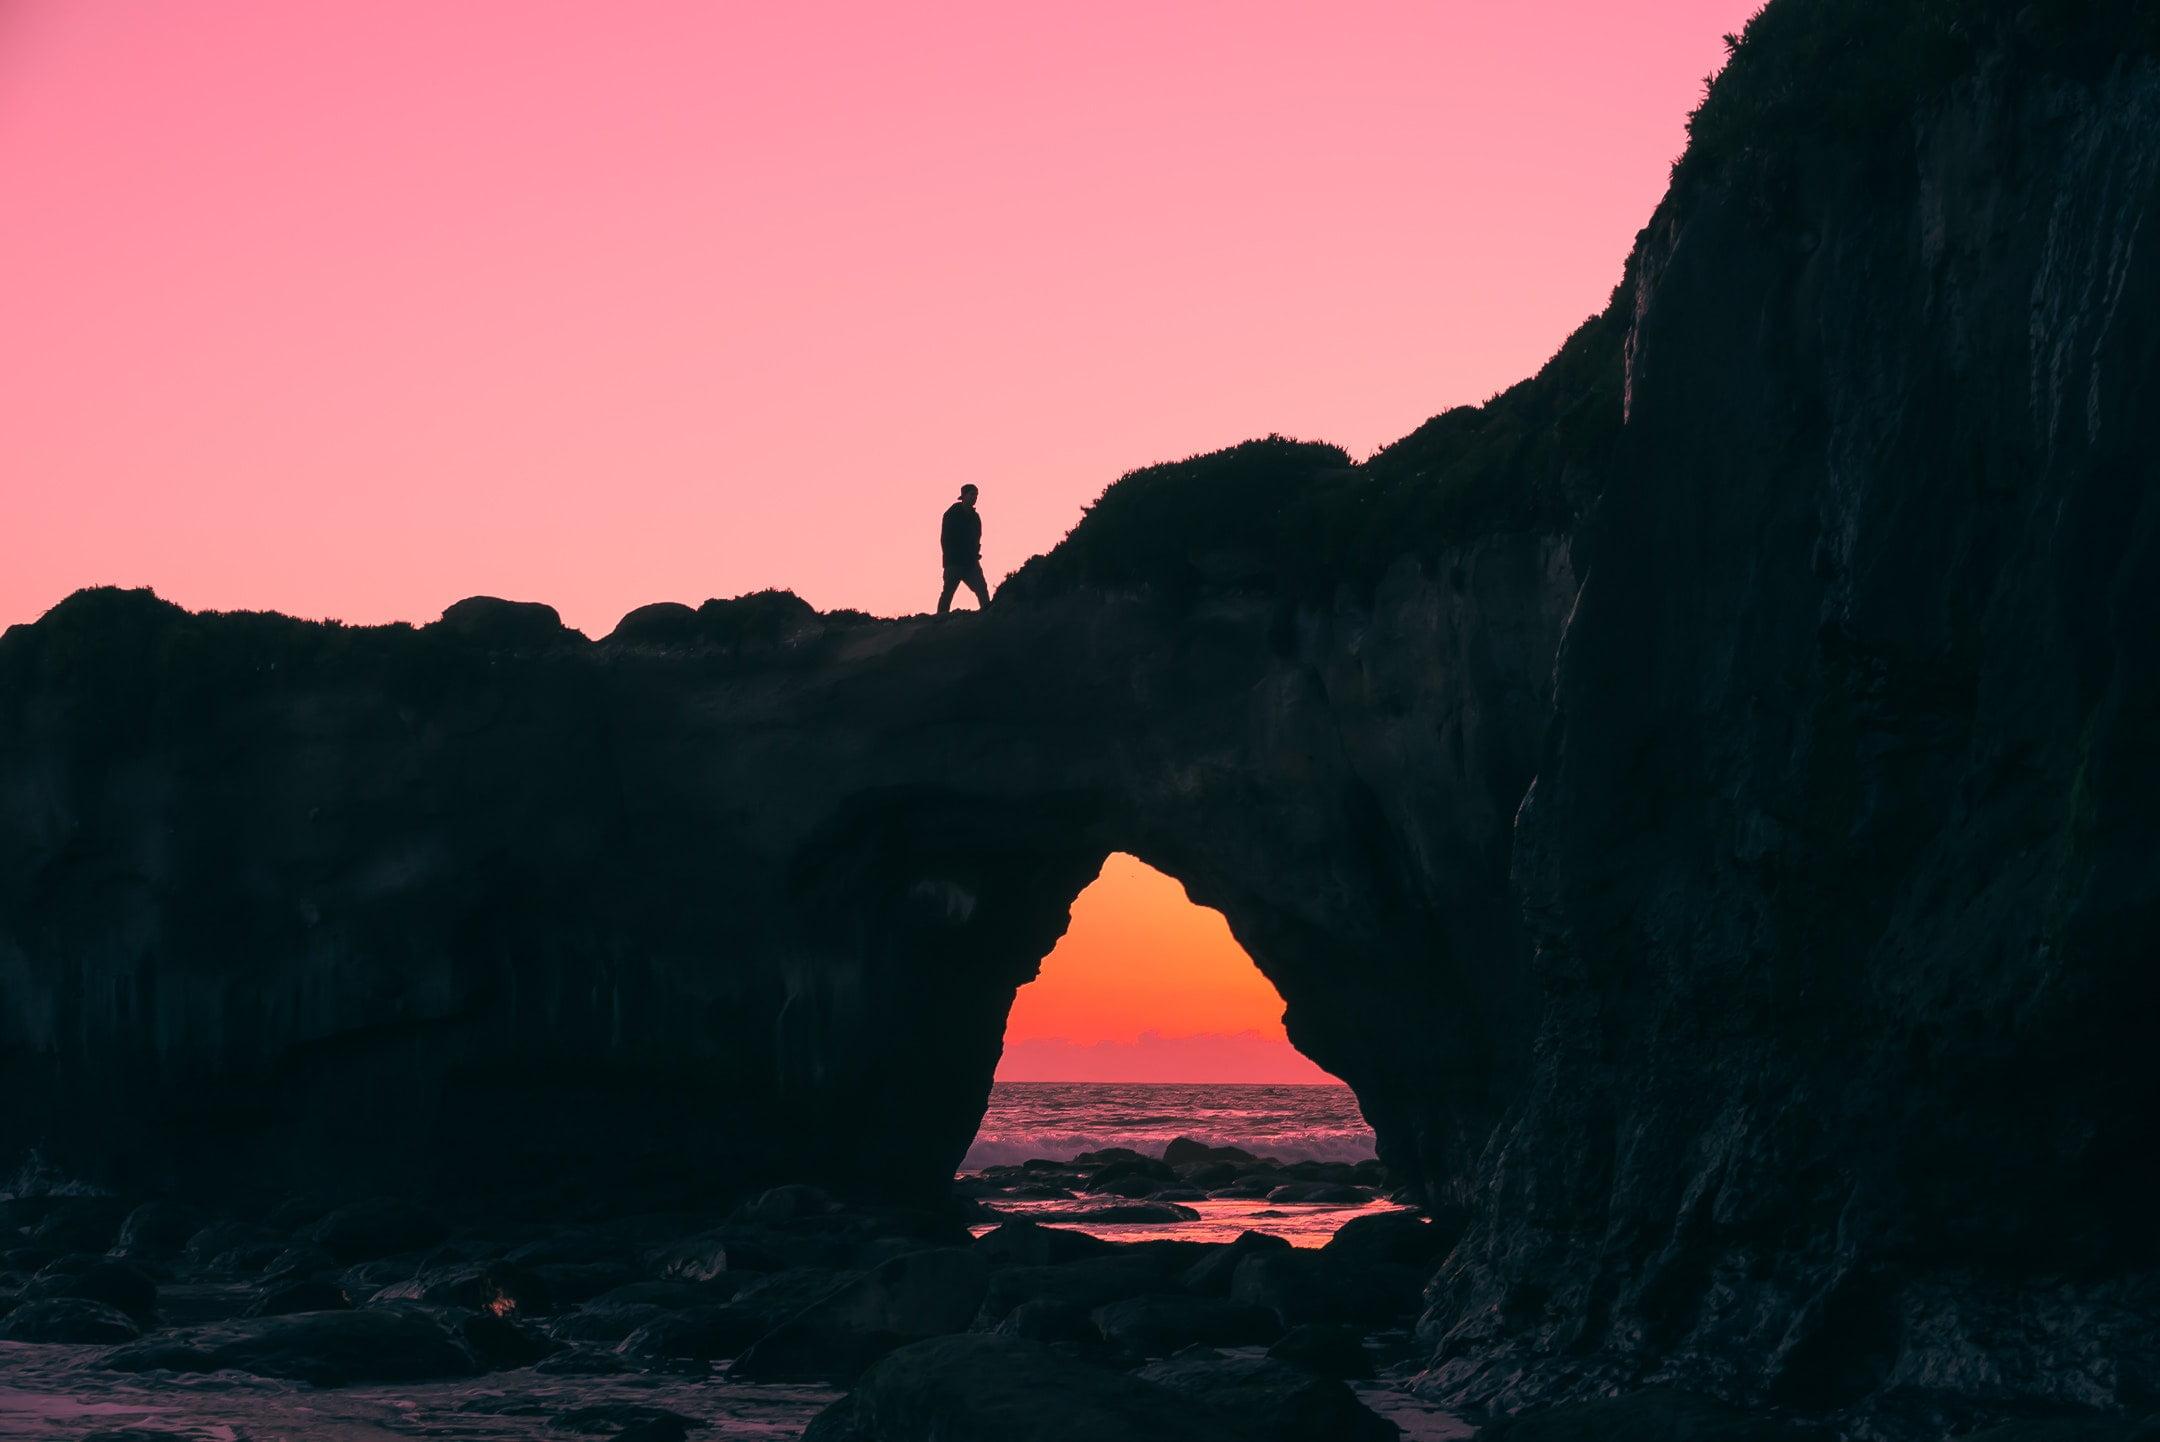 man on rock walking during nightime sunset sea bridge 國民自焚丨玄明詩選